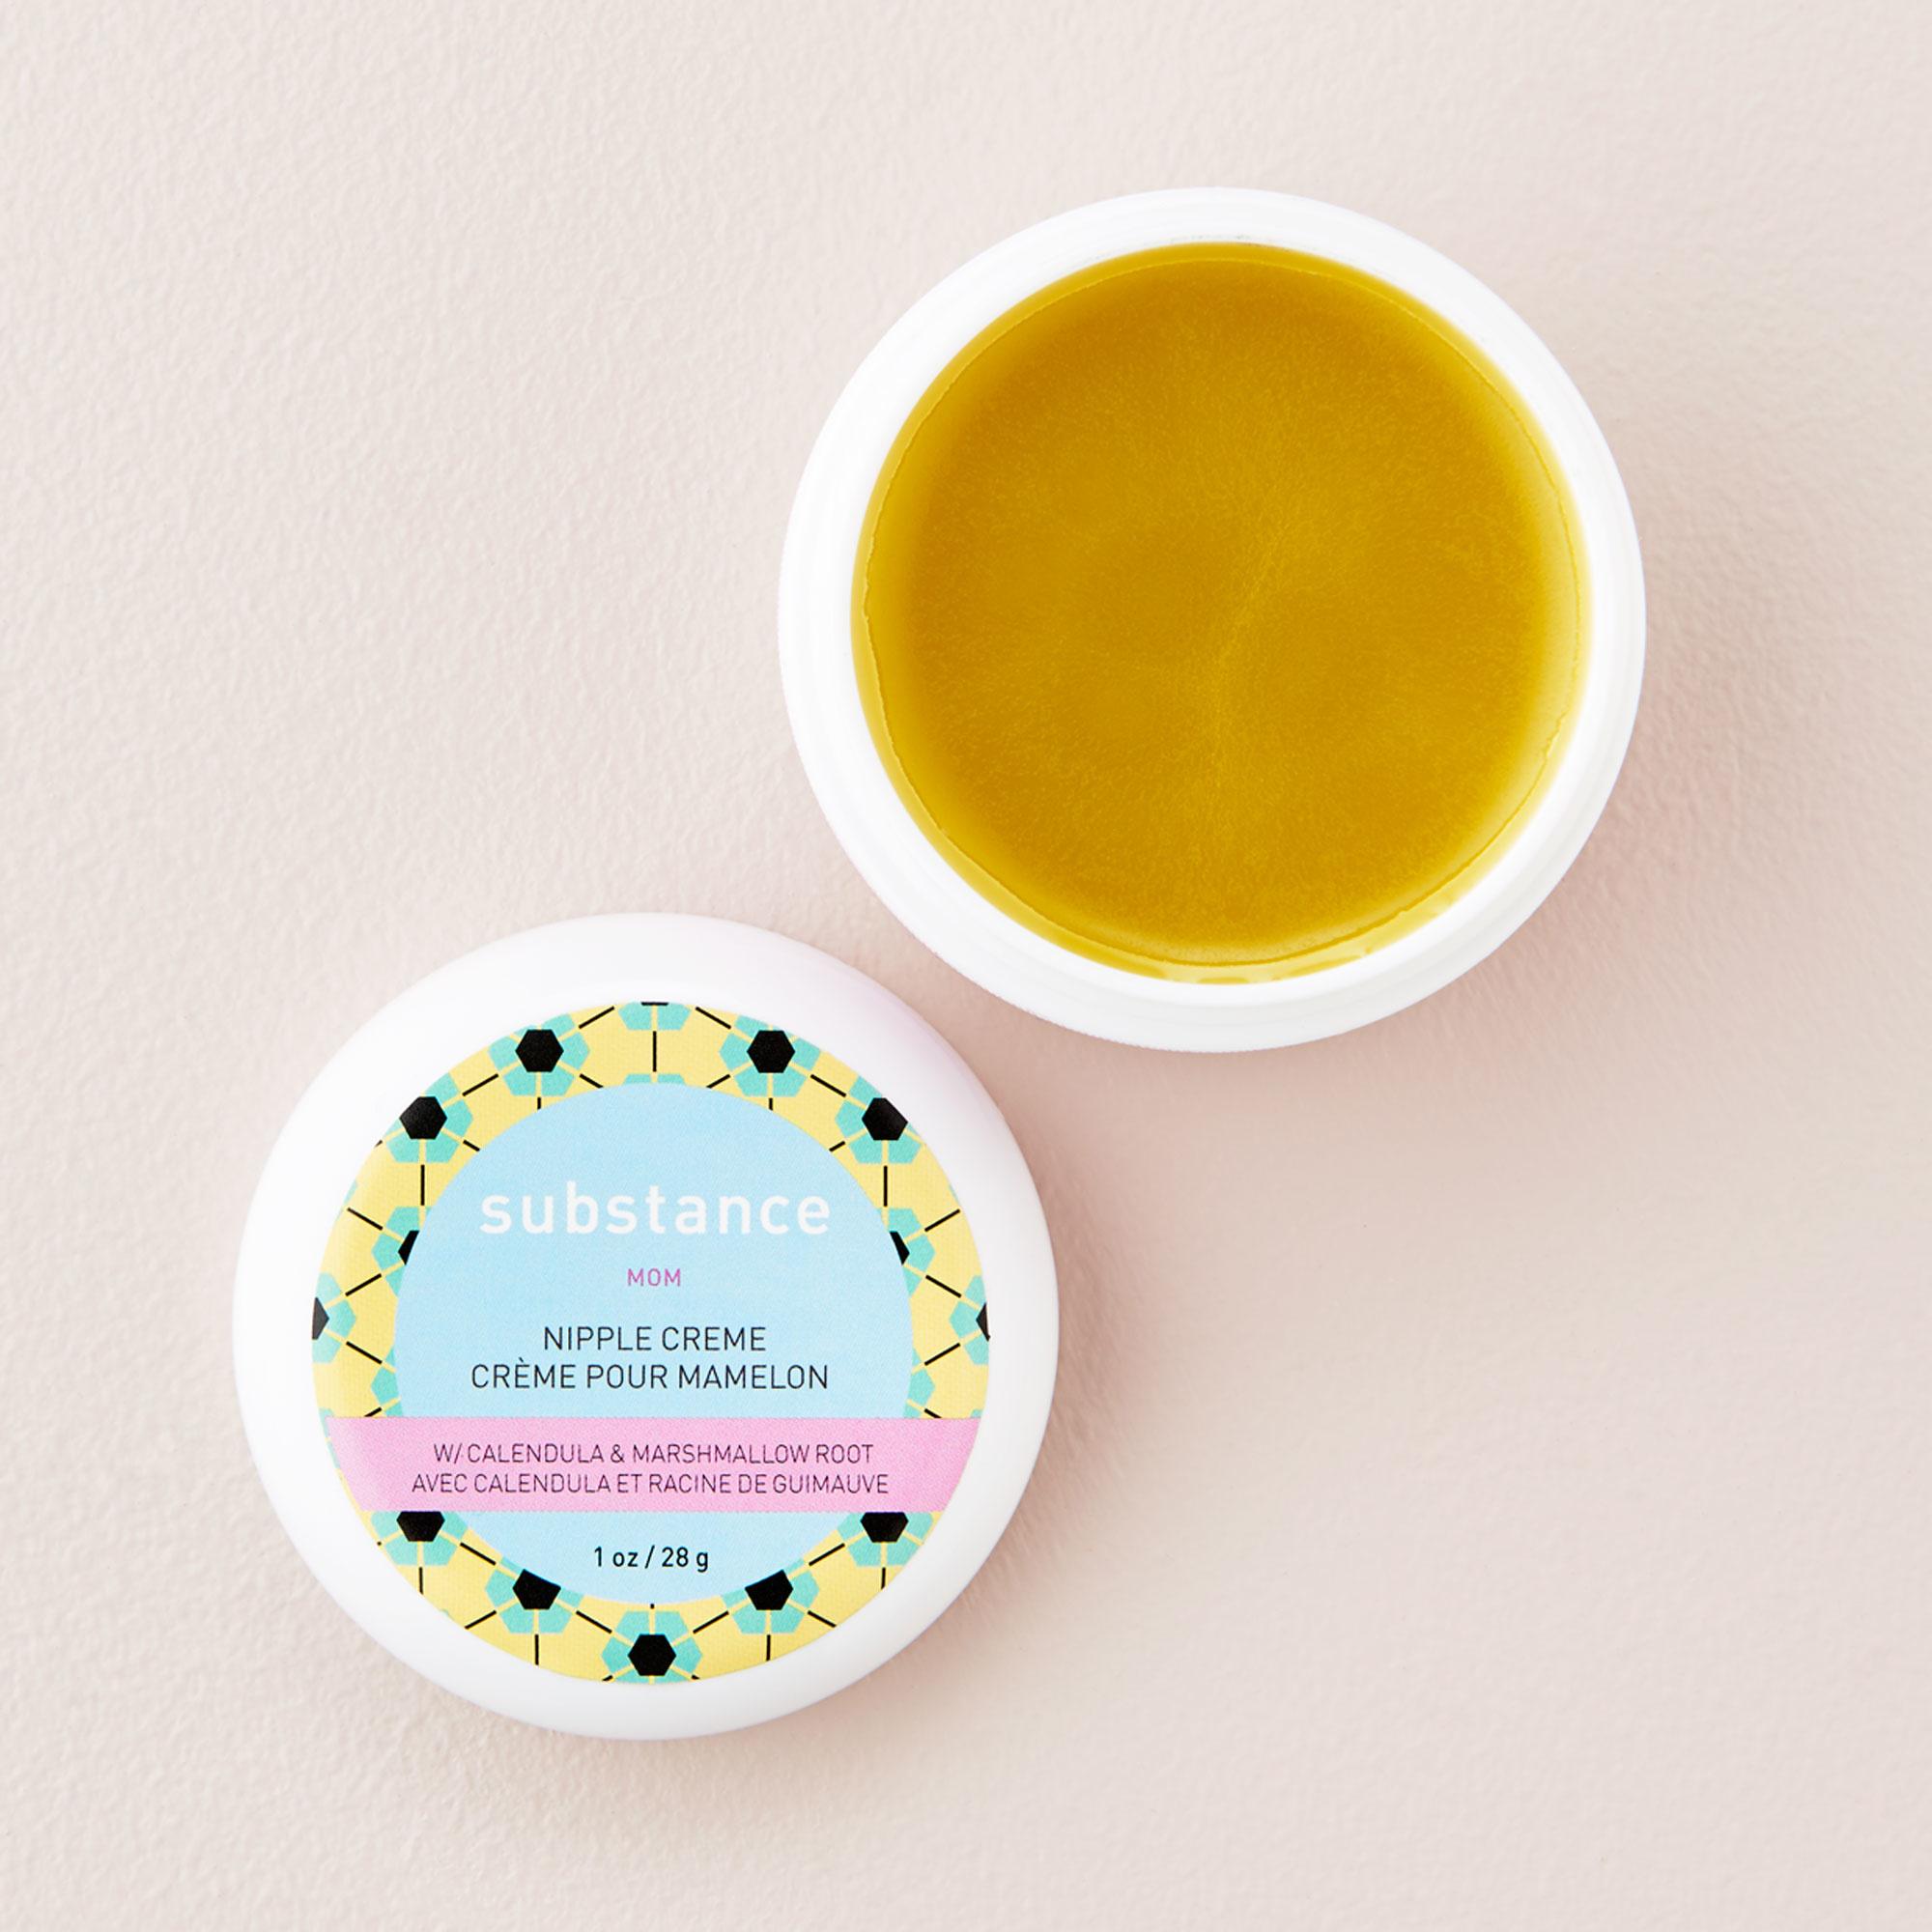 substance Matter Substance Nipple Butter